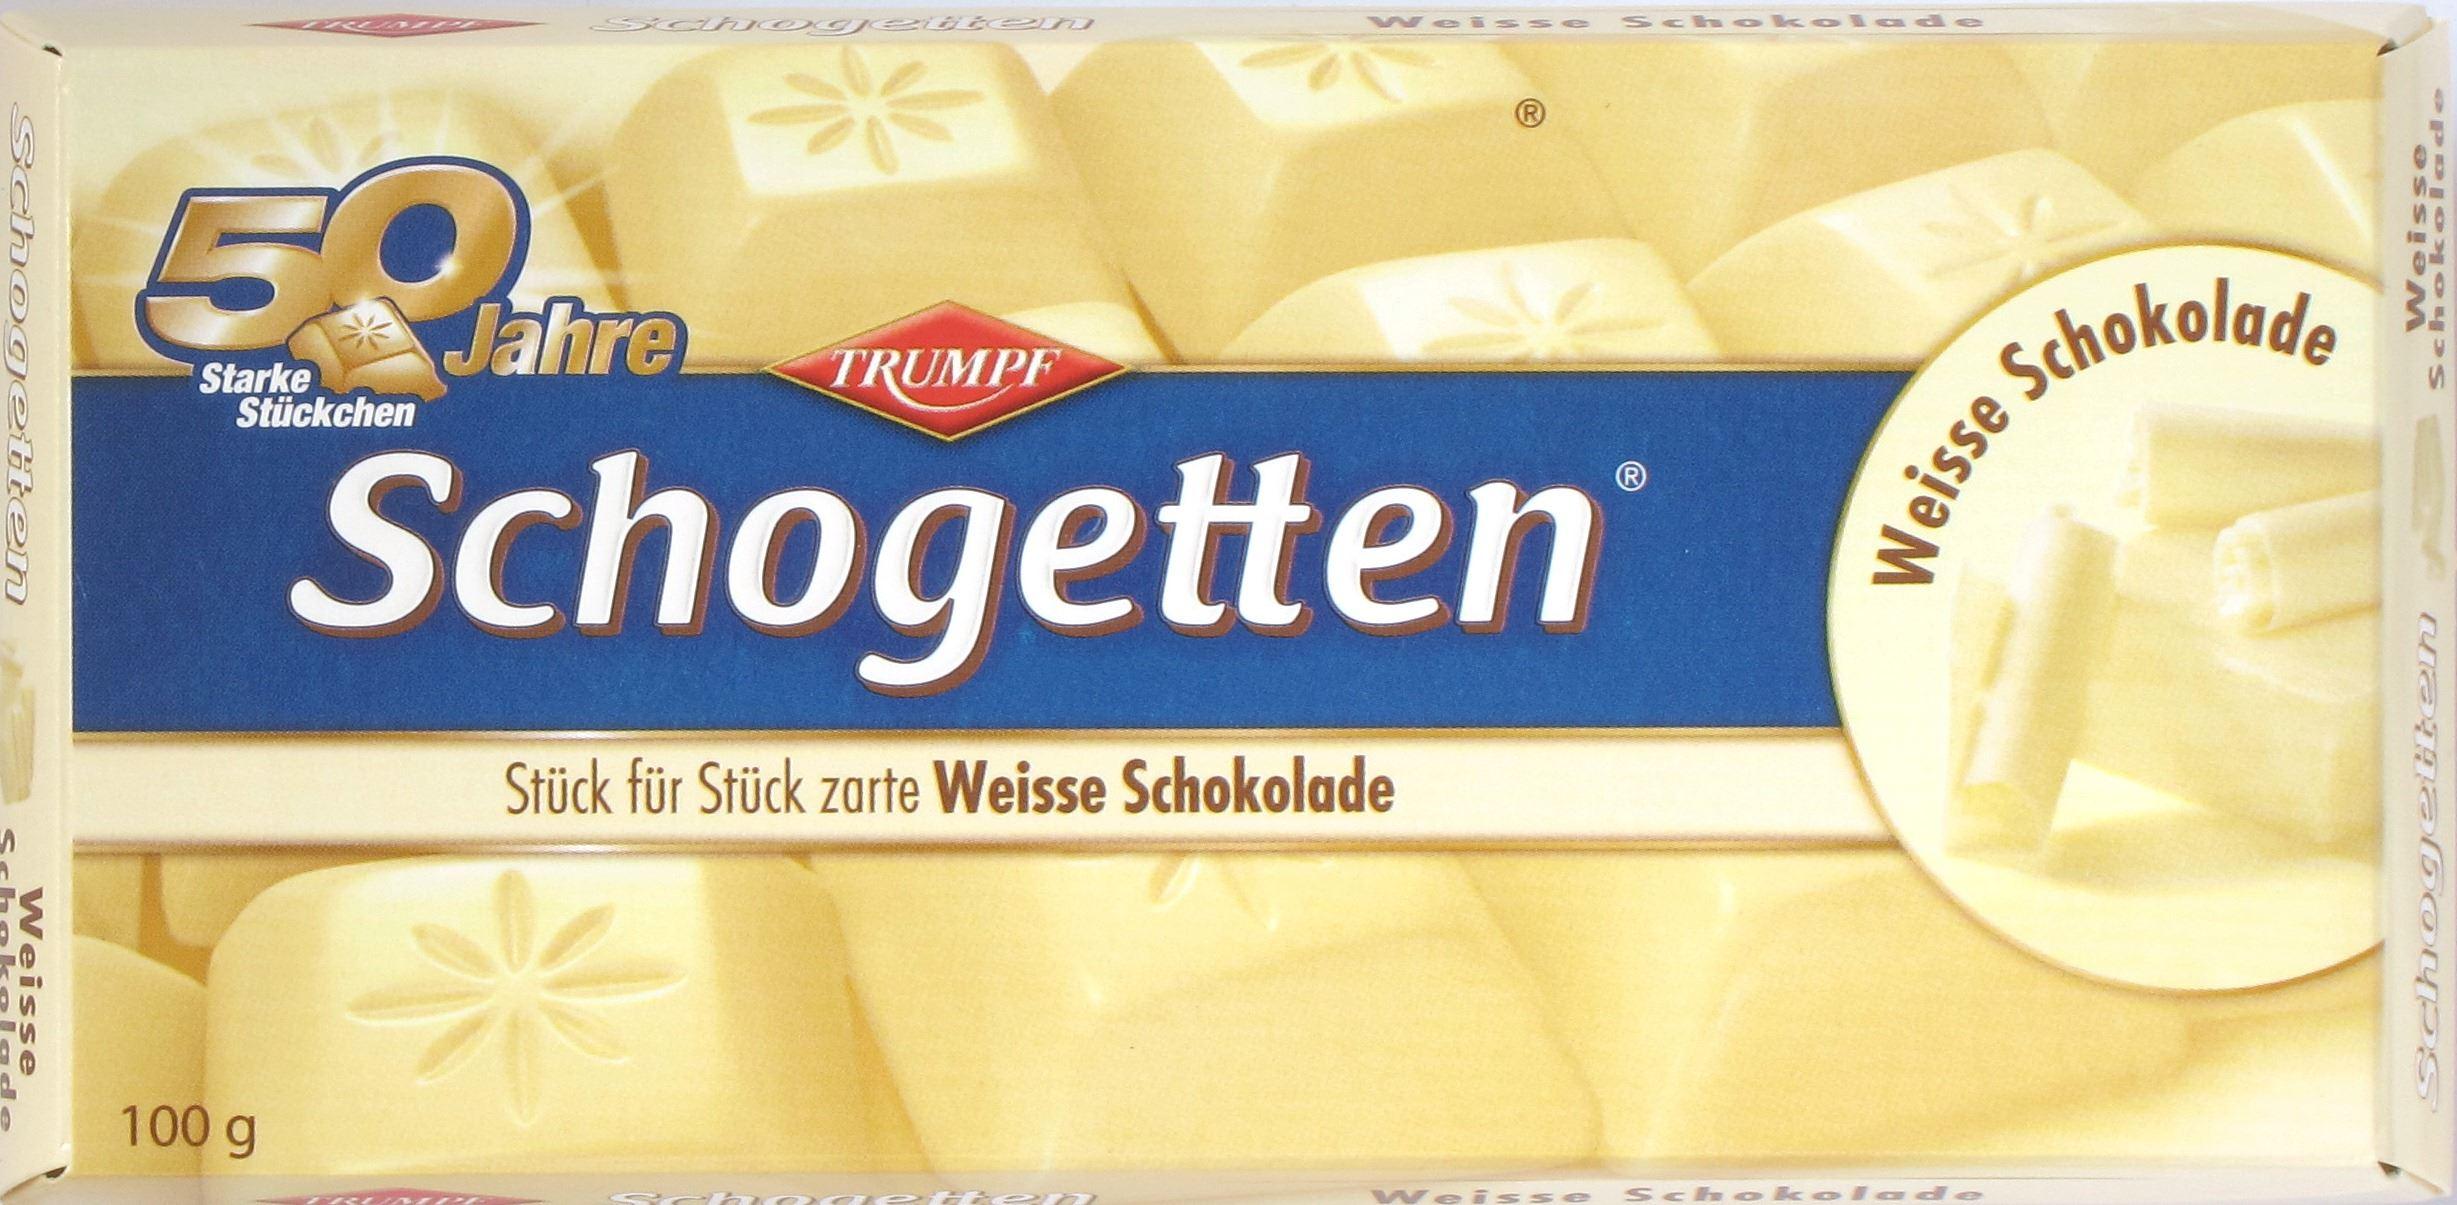 Schogetten (2012), Weiße Schokolade